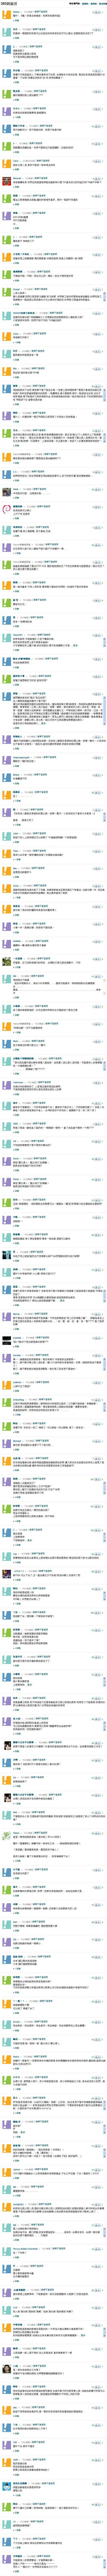 關中的「責任制」 被網友酸爆-2012.11.13-02